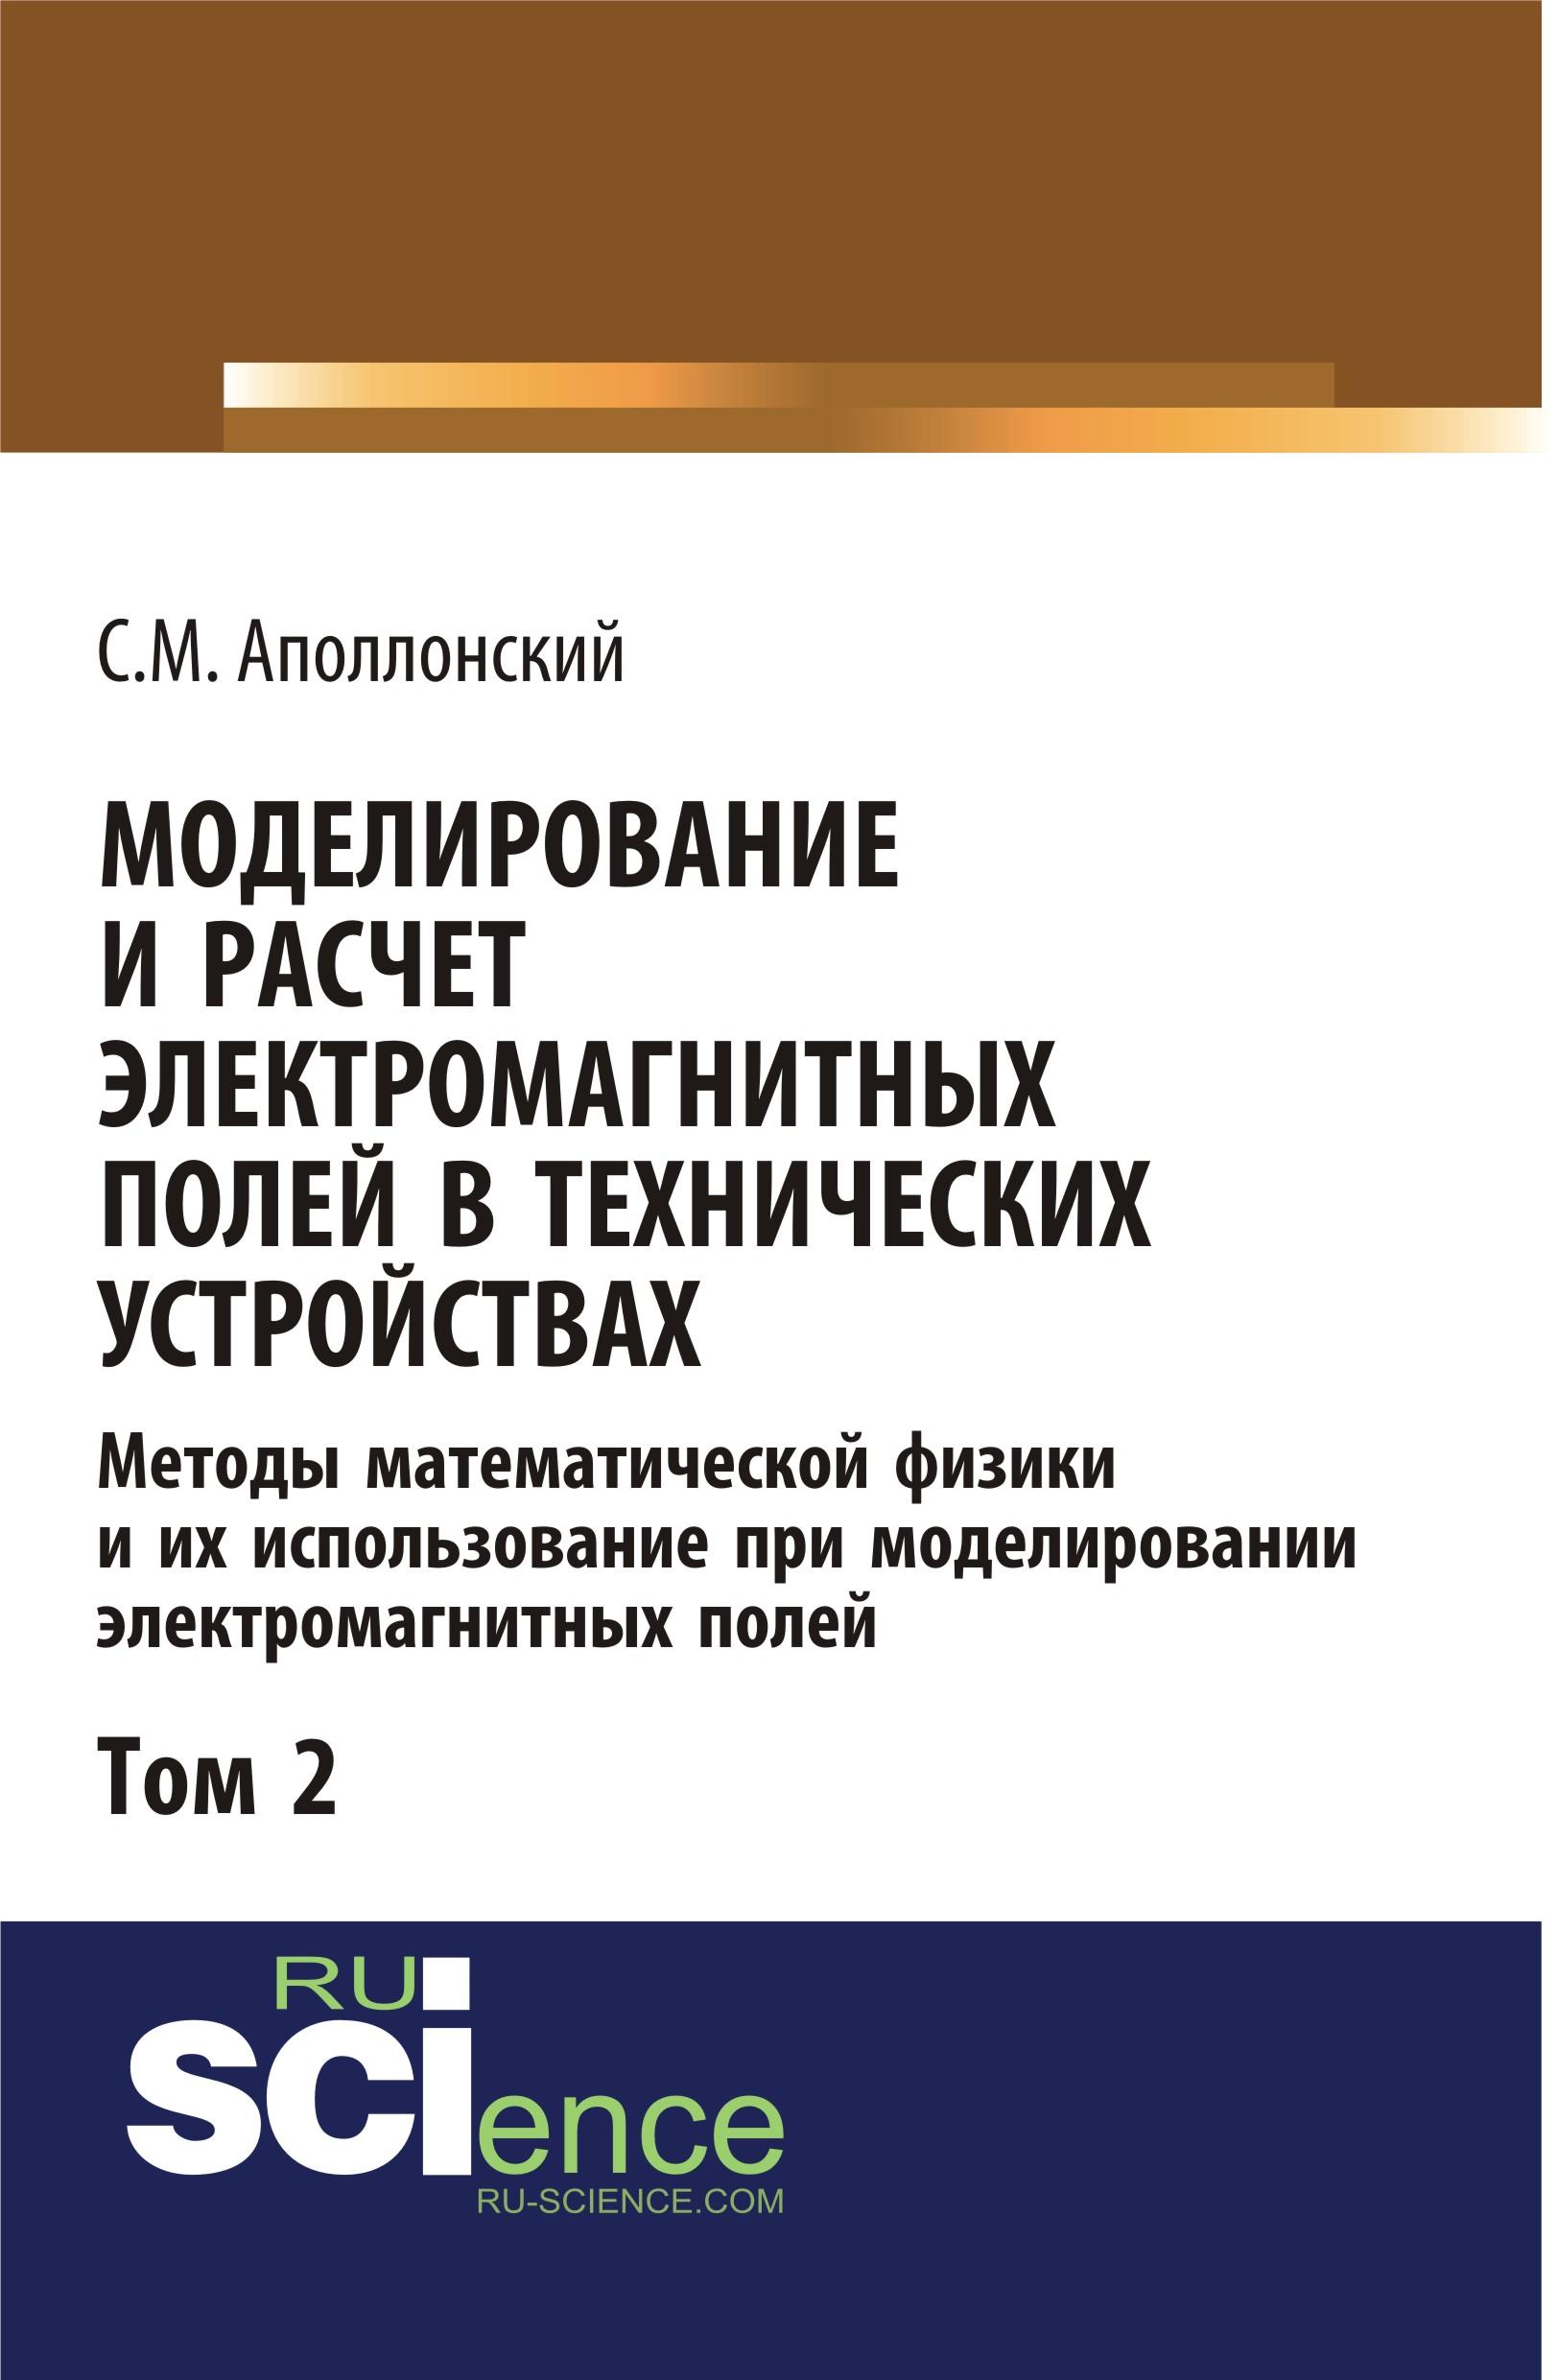 С. М. Аполлонский Моделирование и расчёт электромагнитных полей в технических устройствах. Том II с м аполлонский моделирование и расчёт электромагнитных полей в технических устройствах том iii